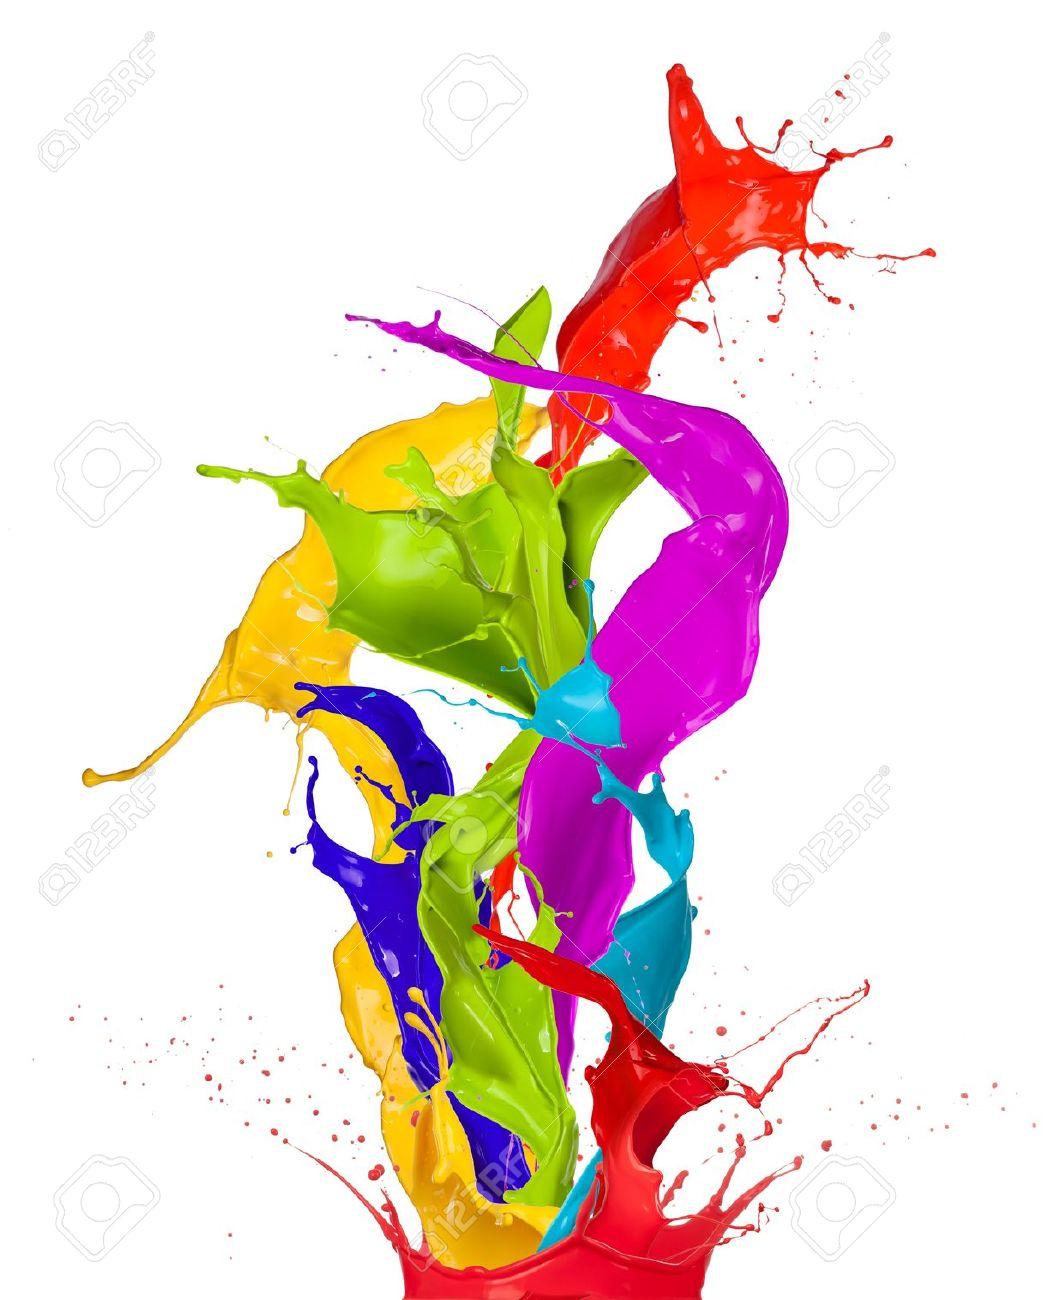 Как сделать вшопе как цветной рисунок